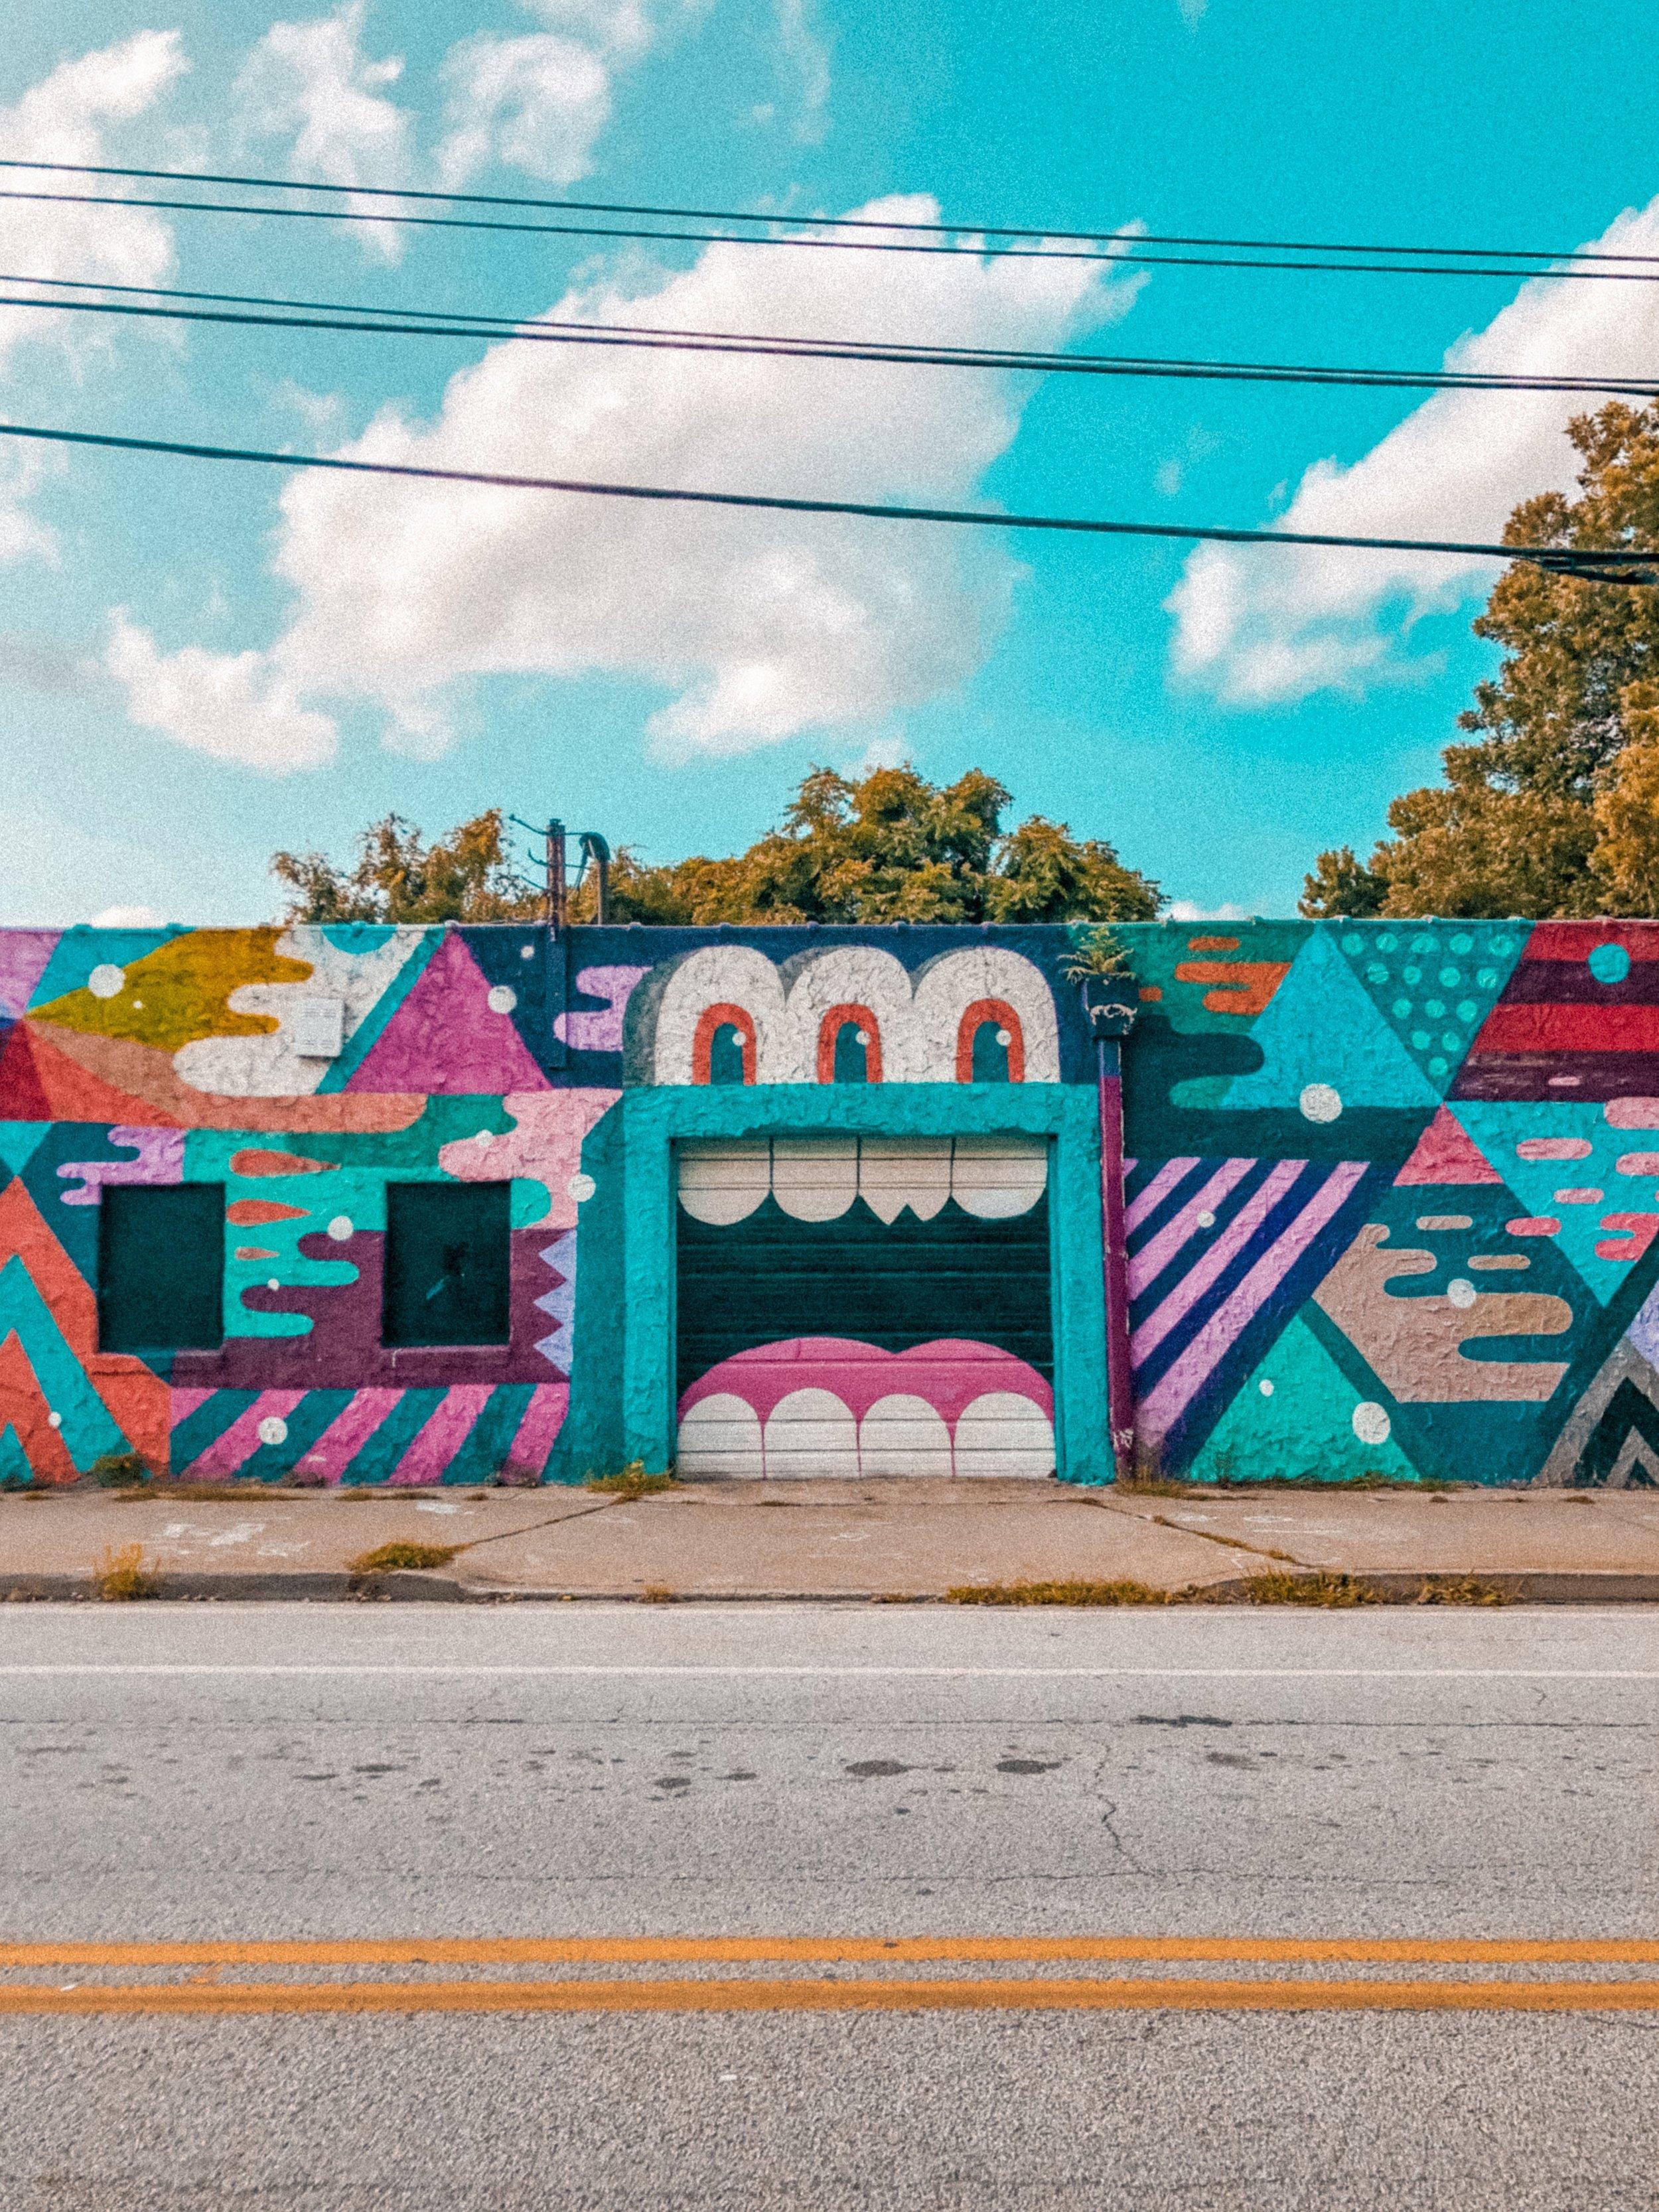 Atlanta Beltline | Where to Visit in Atlanta | Jordan Hefler